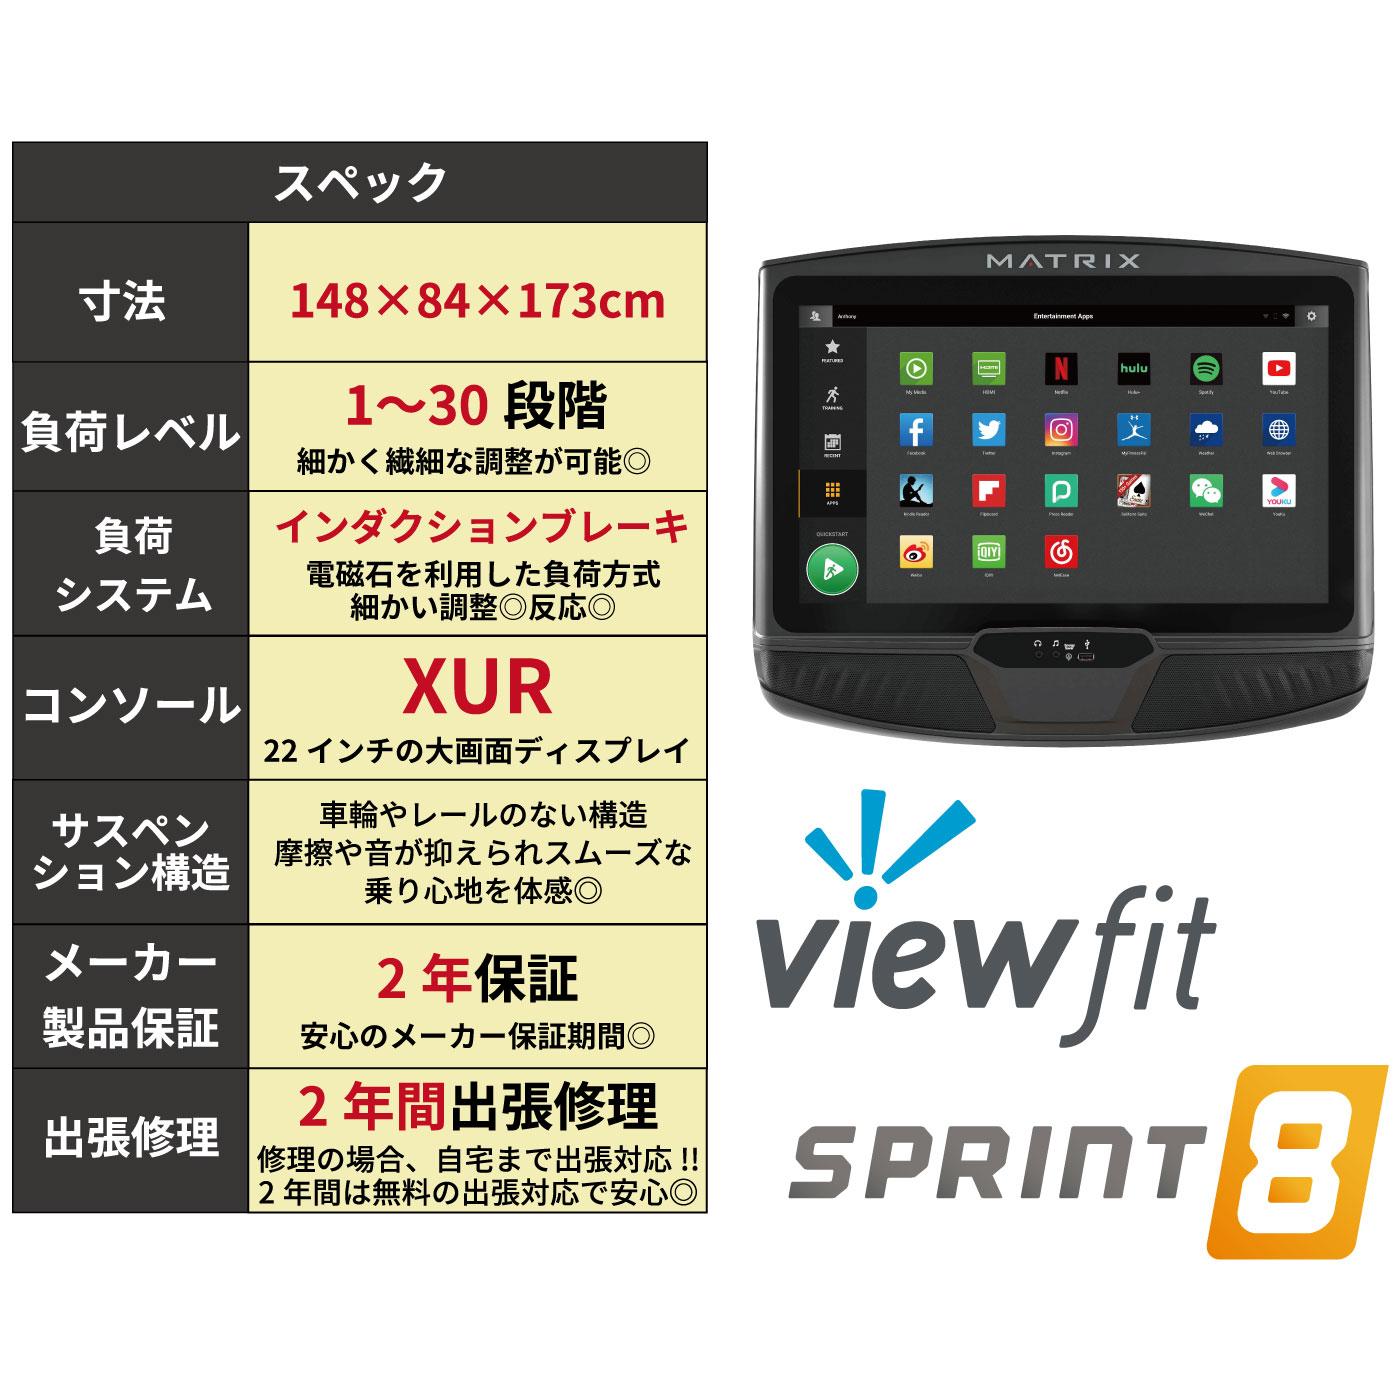 E50-XUR-V2のスペック